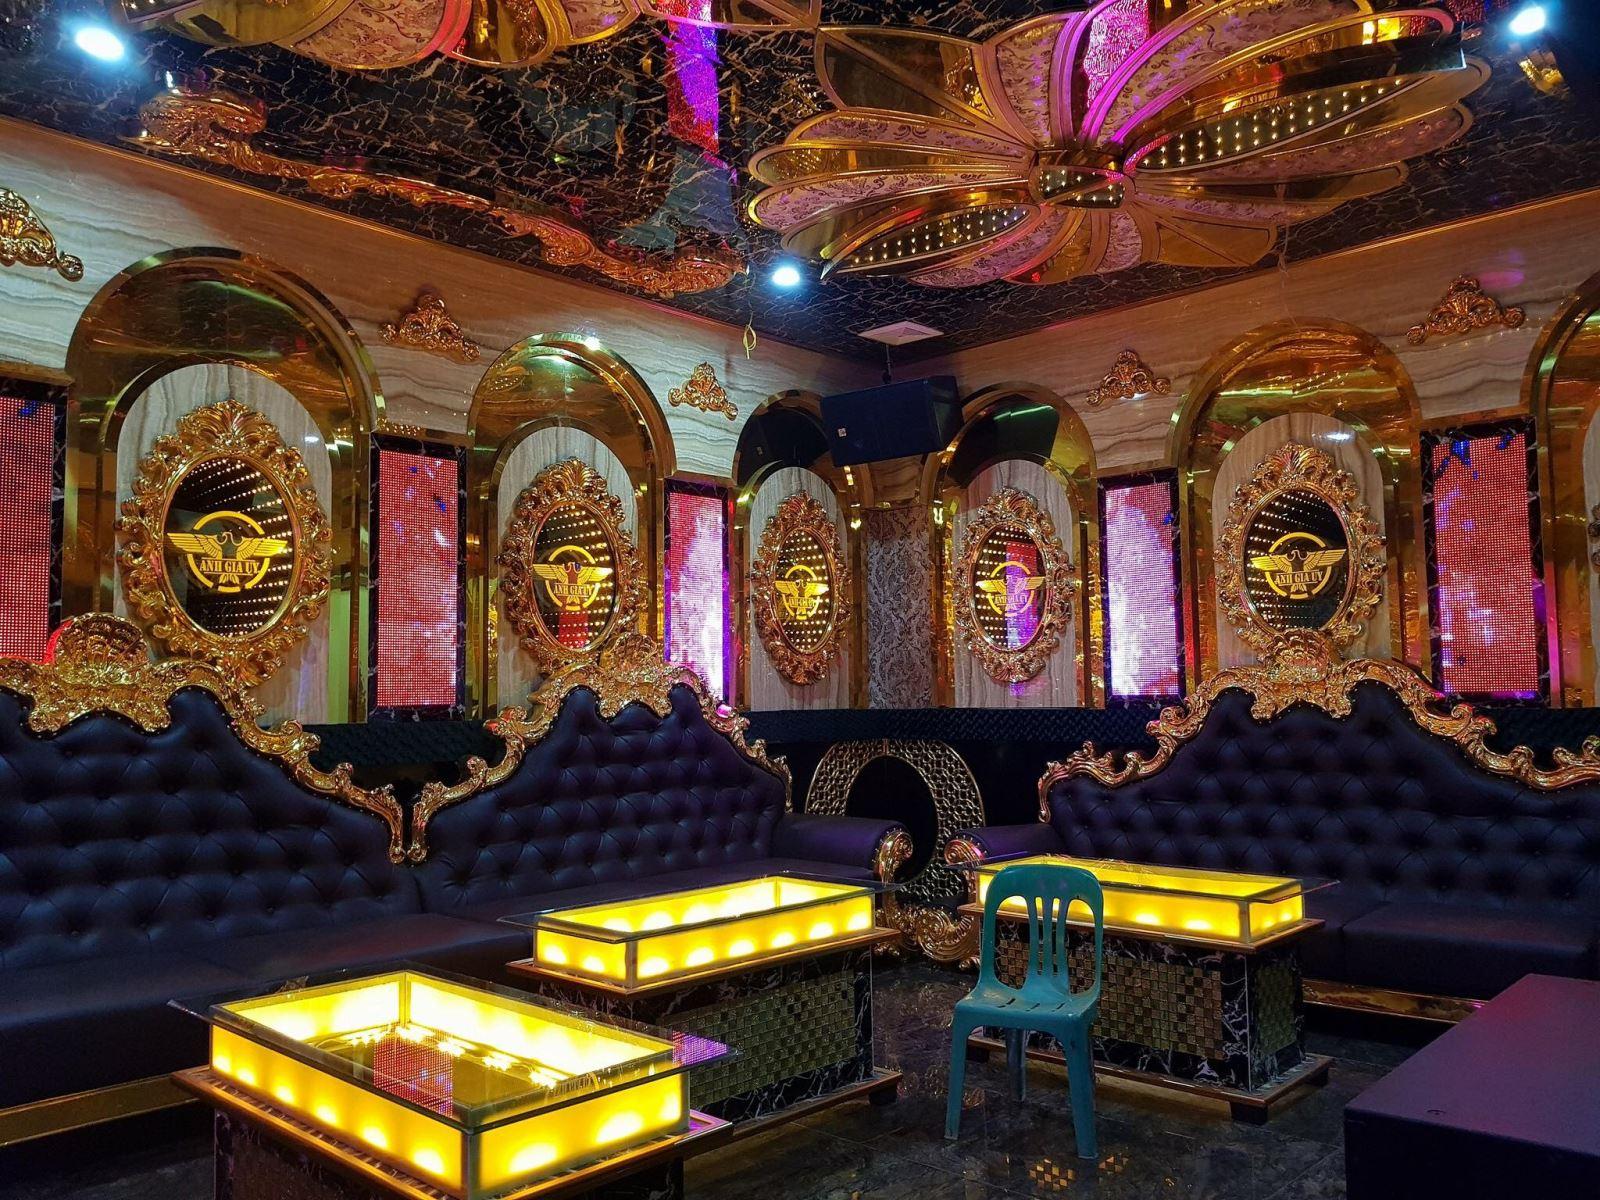 Thiết kế phòng hát Karaoke đẹp tại TP HCM